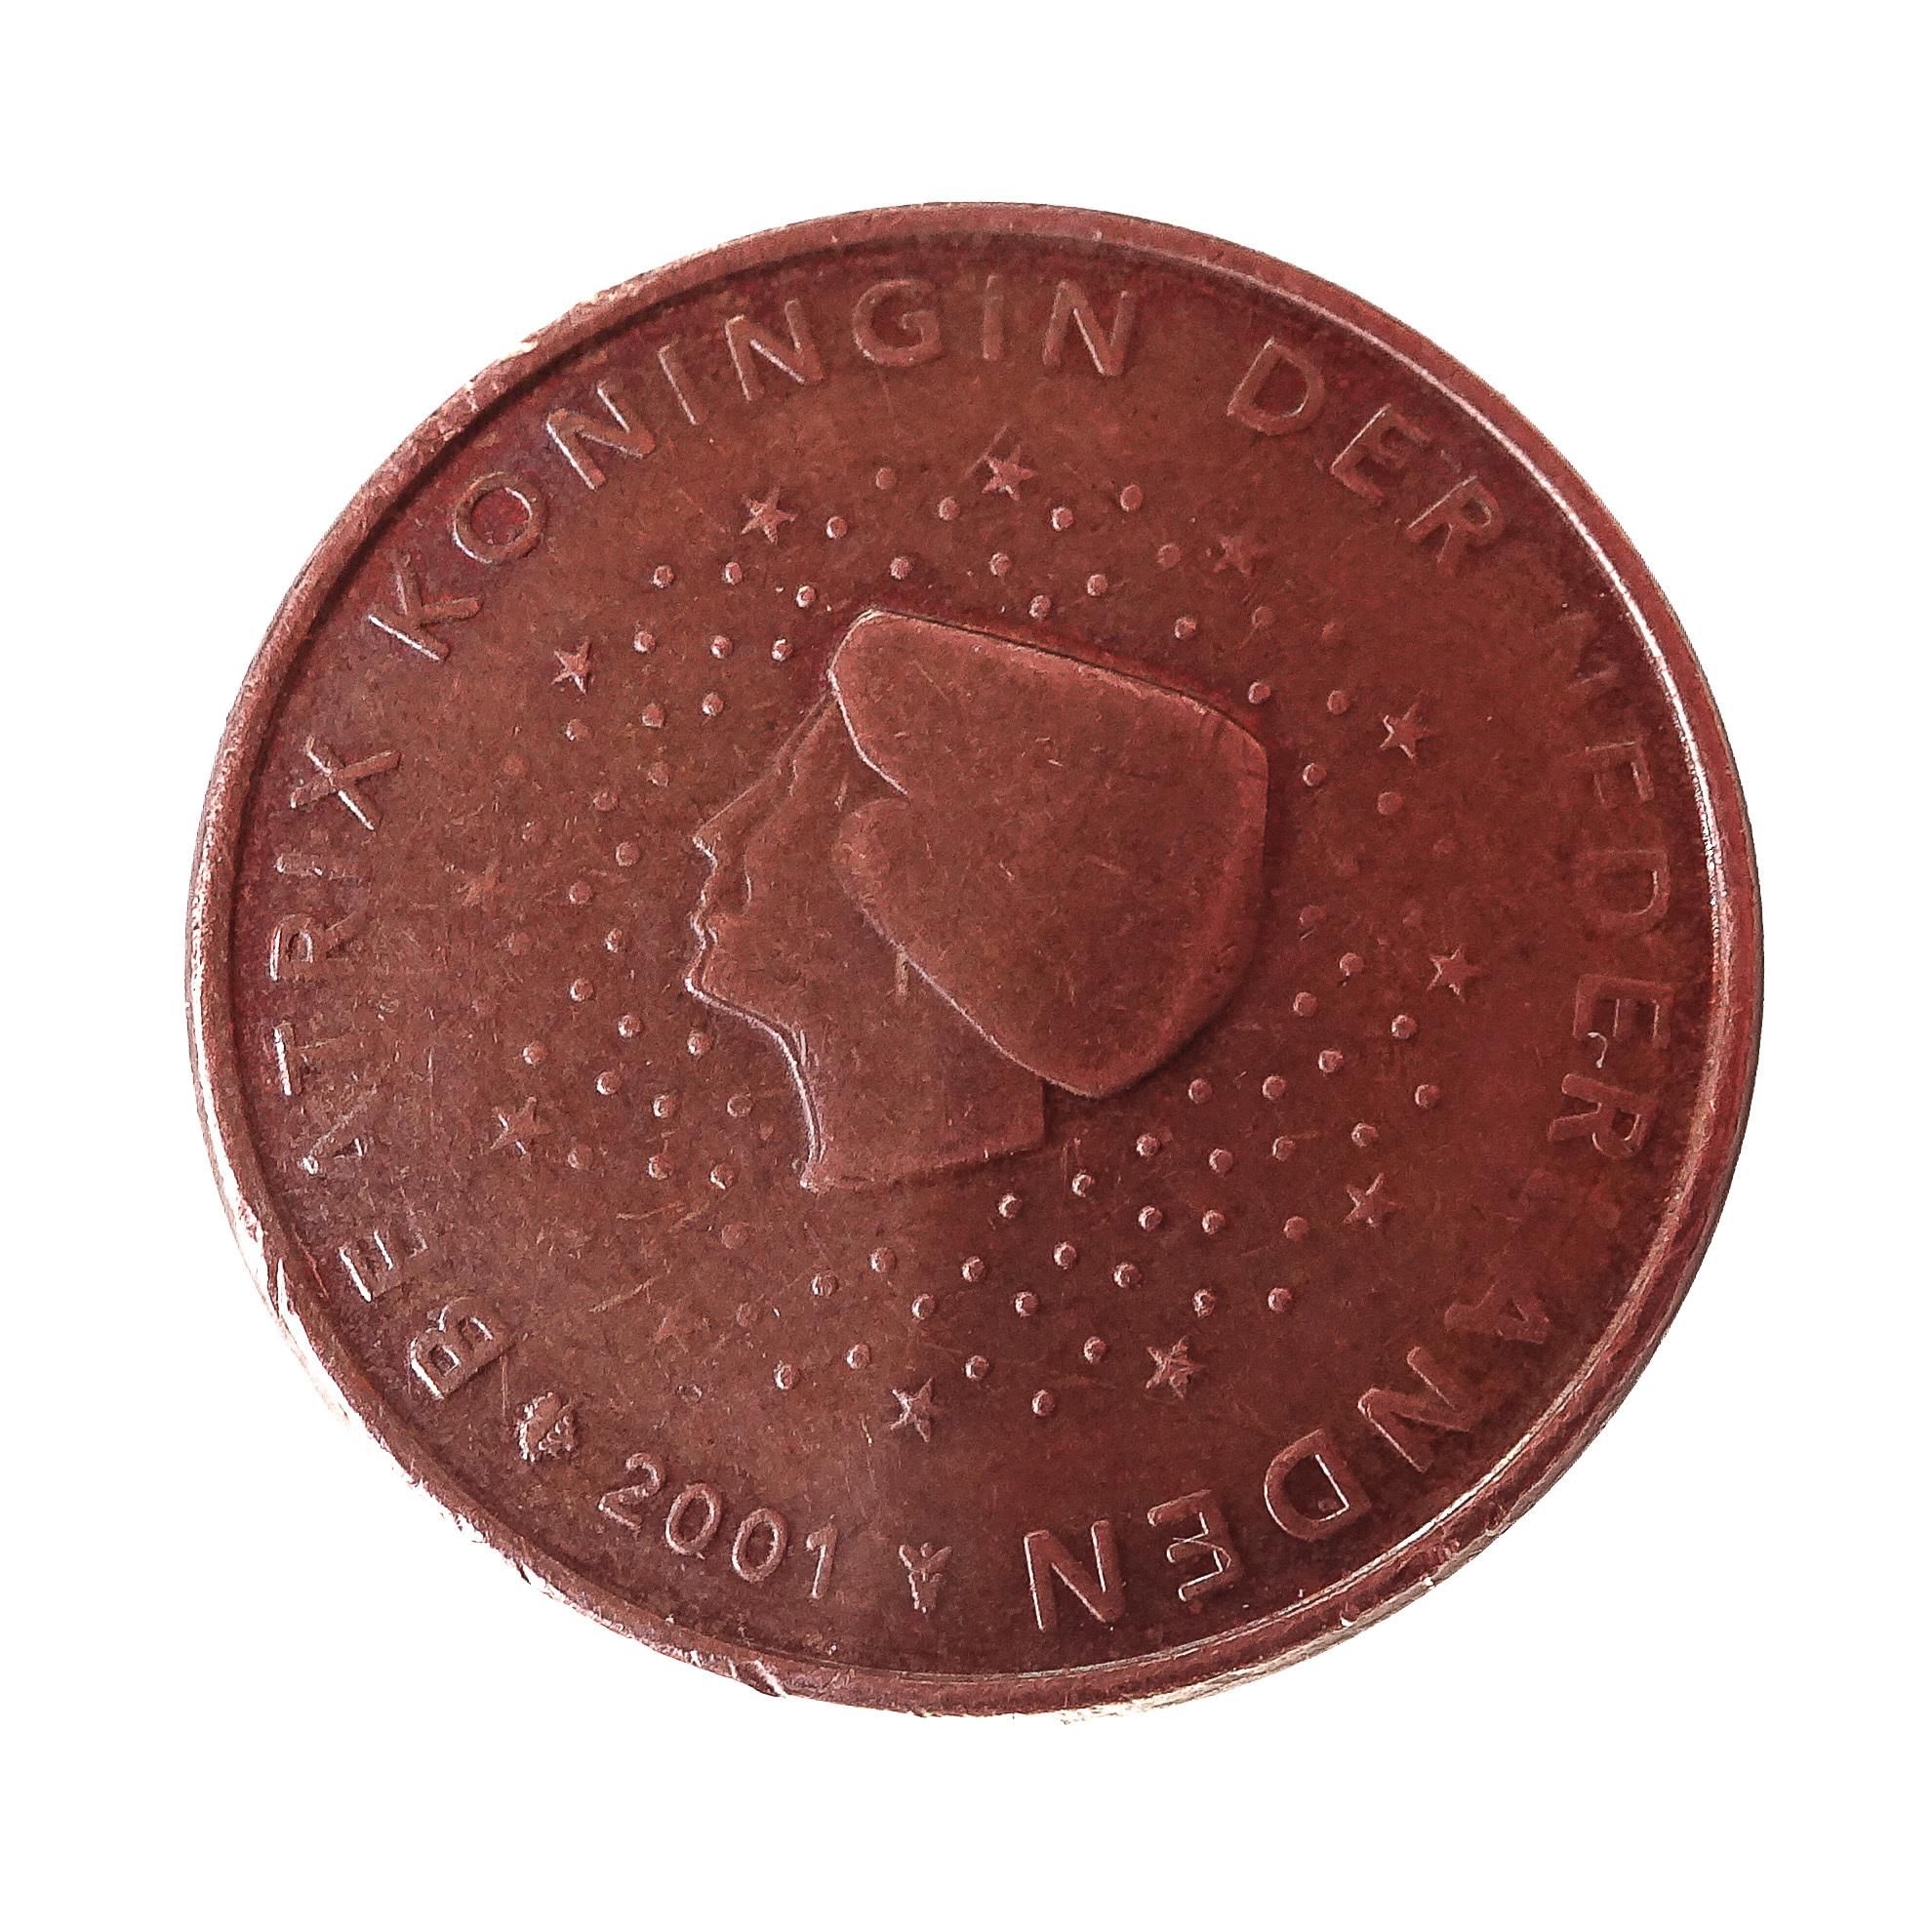 BDF-20160220-001-munt.jpg Télécharger fichier STL gratuit Stand de photographie de pièces de monnaie • Design pour imprimante 3D, briandragtstra